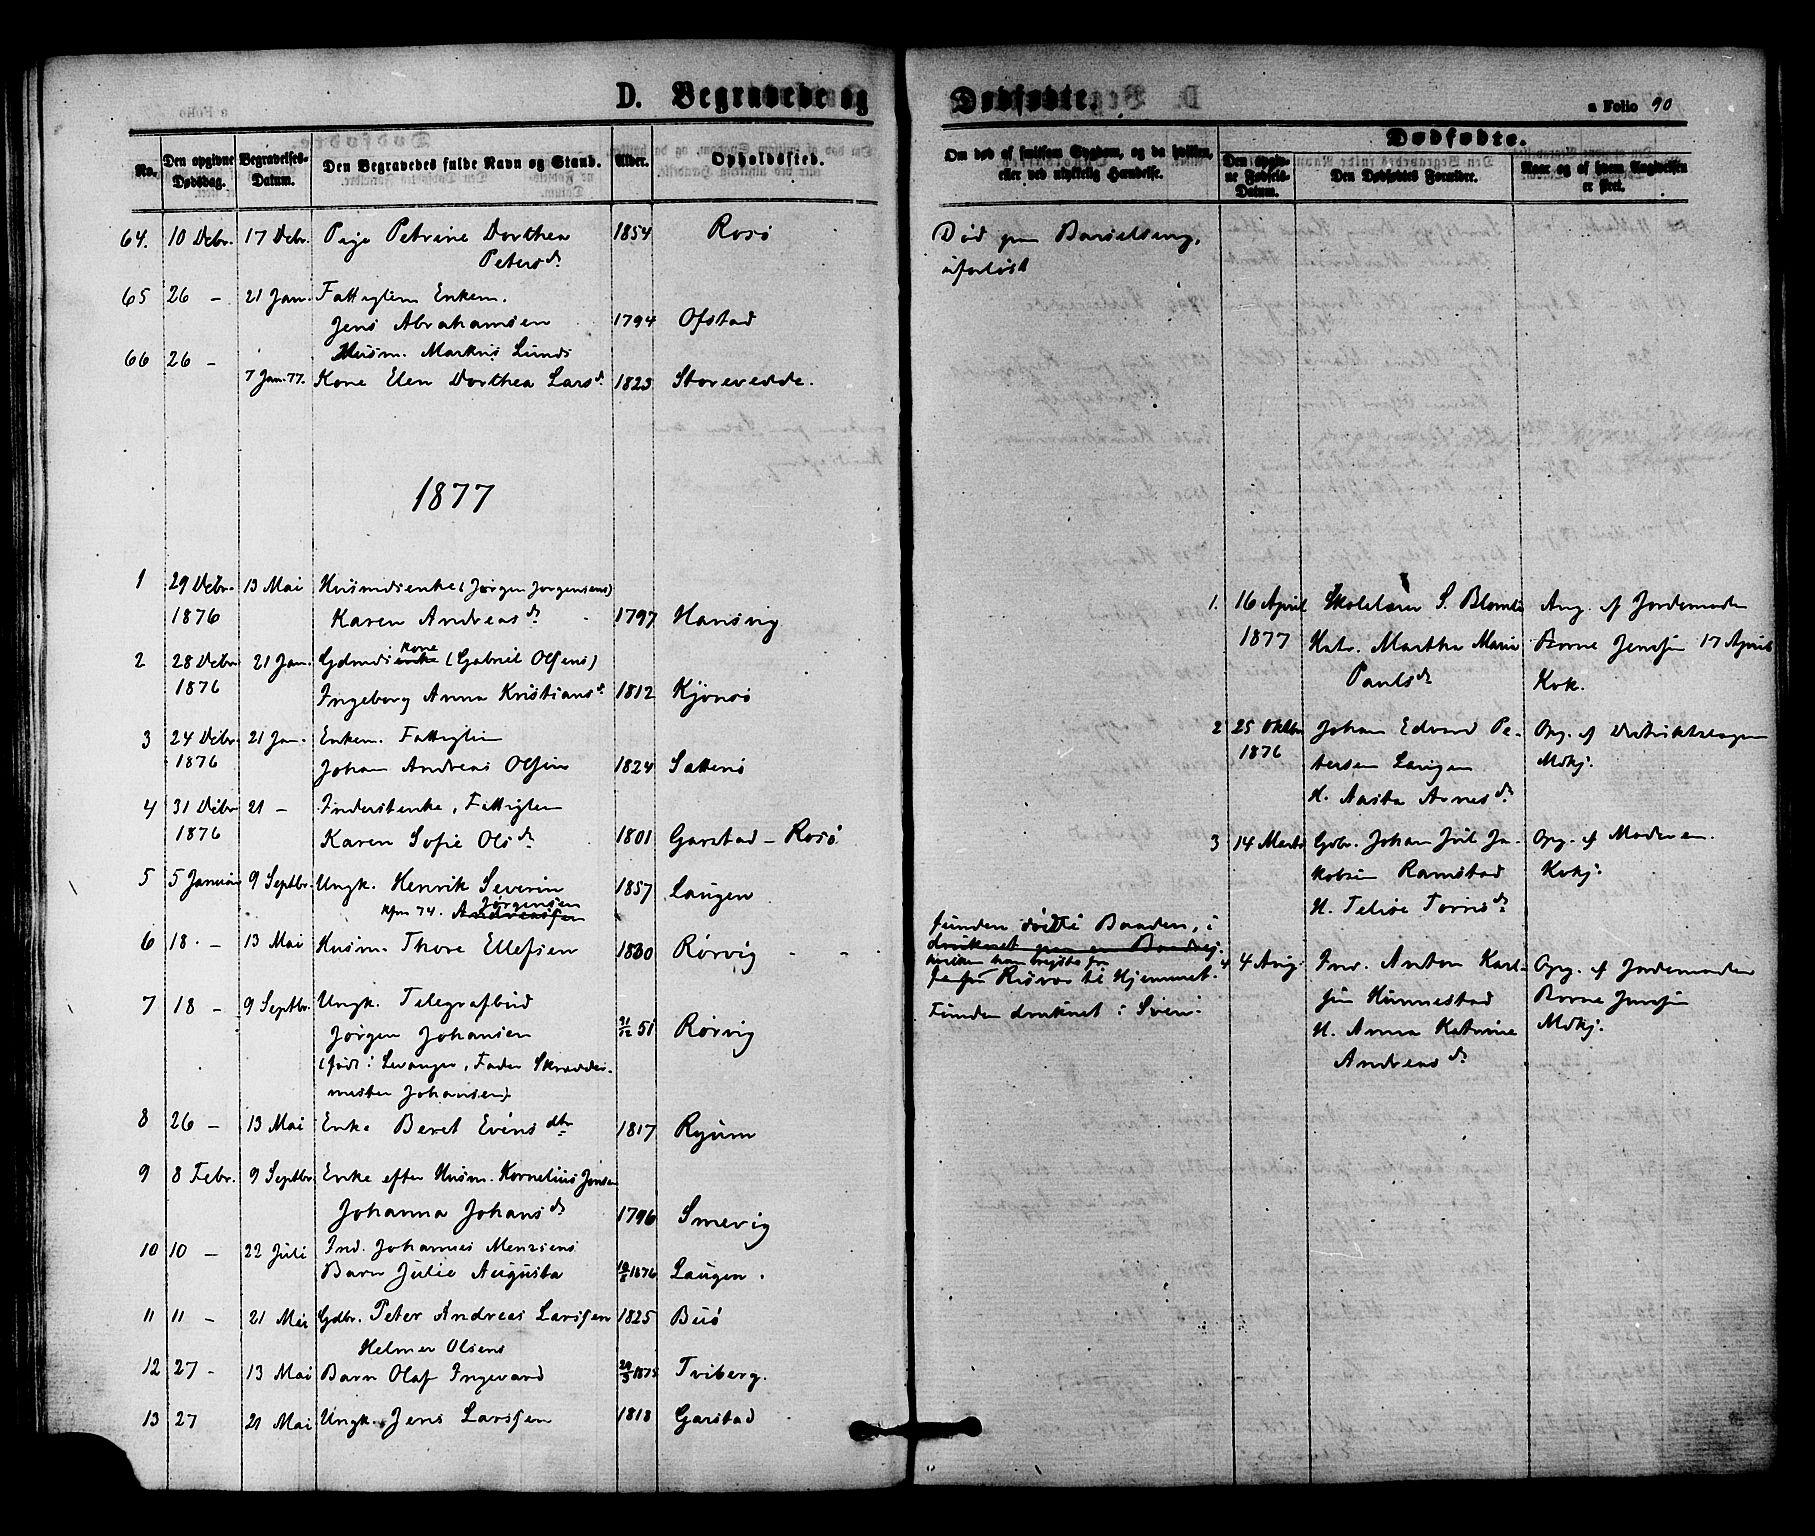 SAT, Ministerialprotokoller, klokkerbøker og fødselsregistre - Nord-Trøndelag, 784/L0671: Ministerialbok nr. 784A06, 1876-1879, s. 90